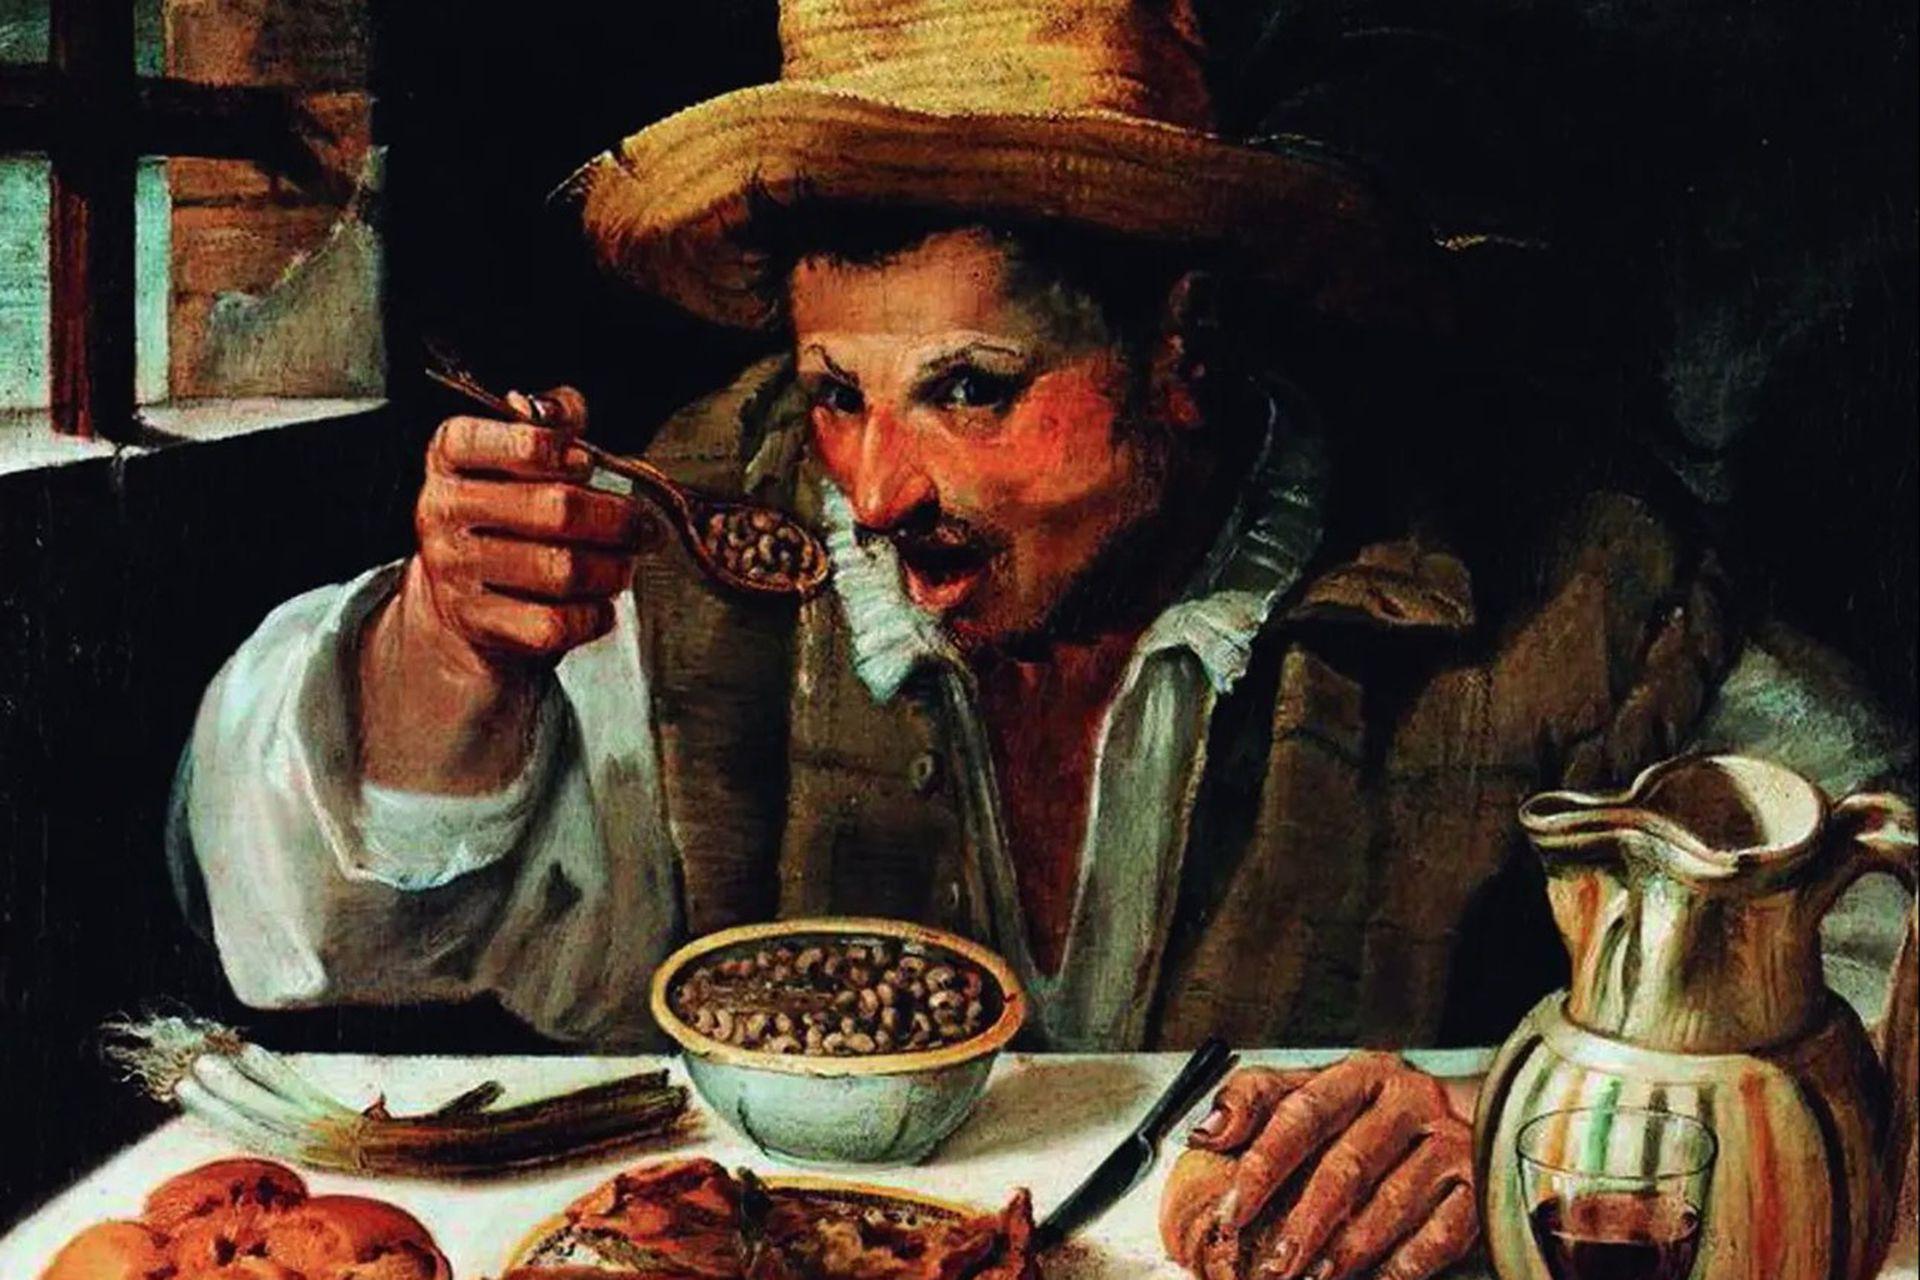 El comedor de alubias. Aníbal Carracci, 1583